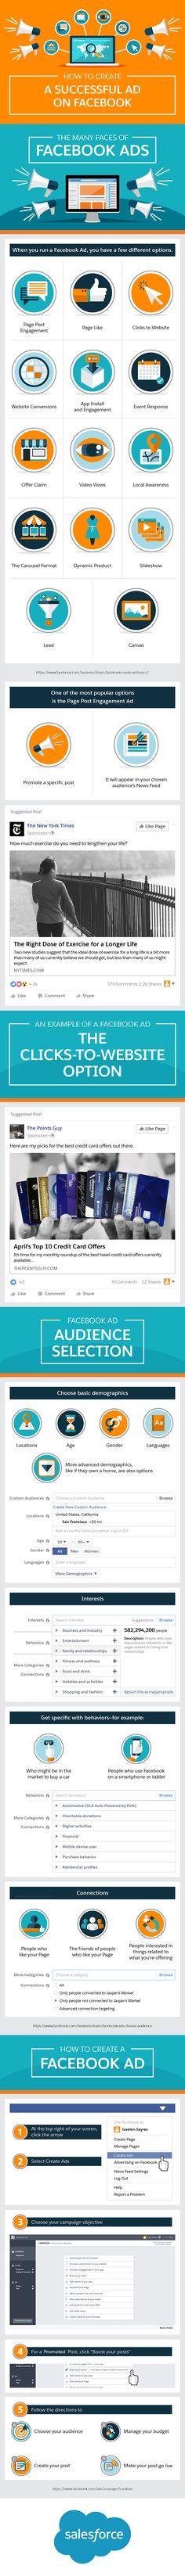 Succesvolle Facebook advertenties maken